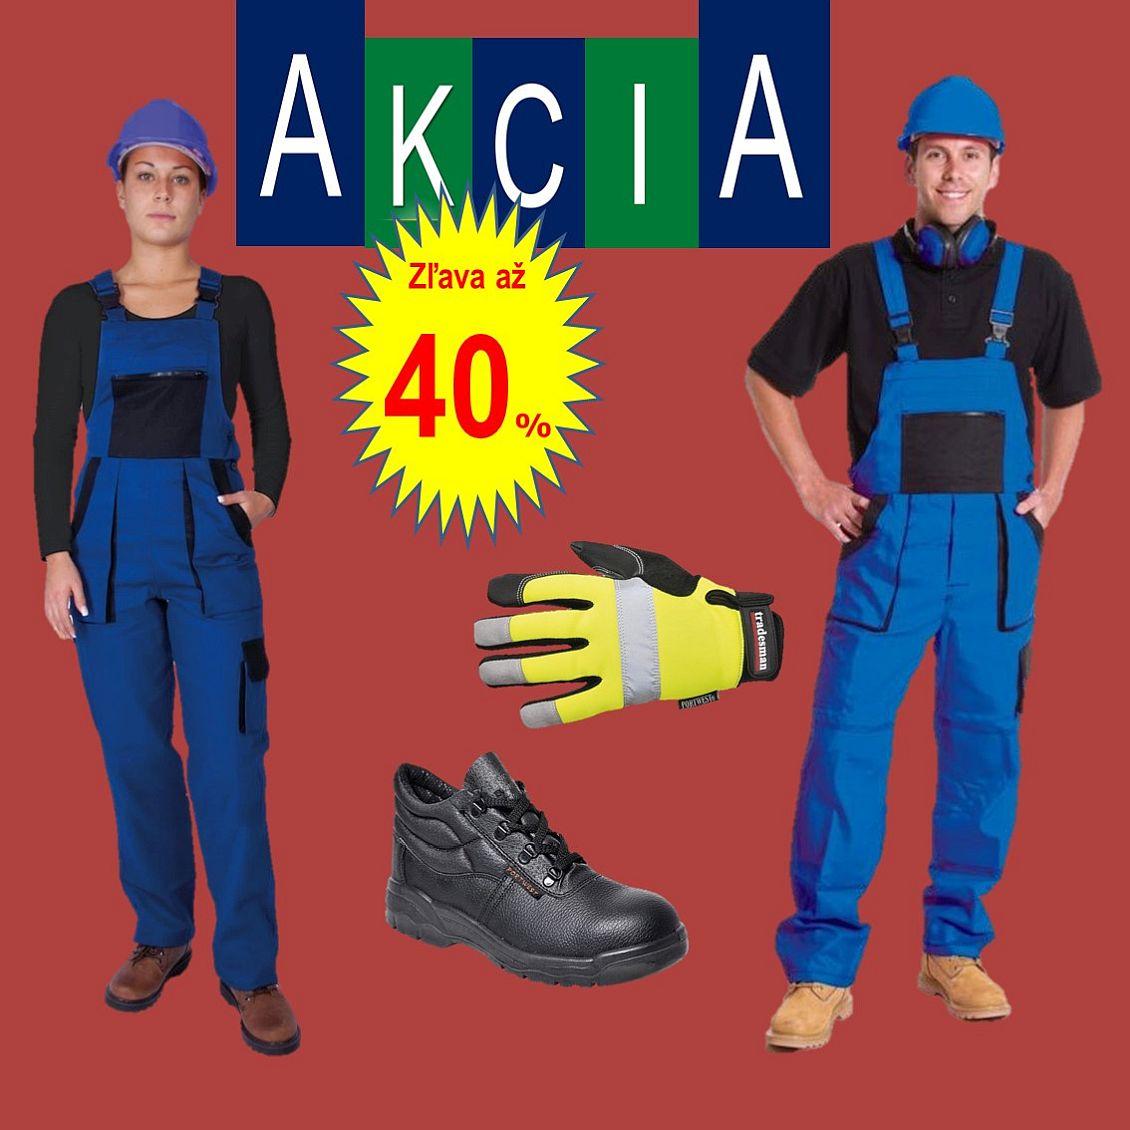 Takos® - Jesenné zľavy až 40 % na pracovné odevy a ochranné pracovné prostriedky